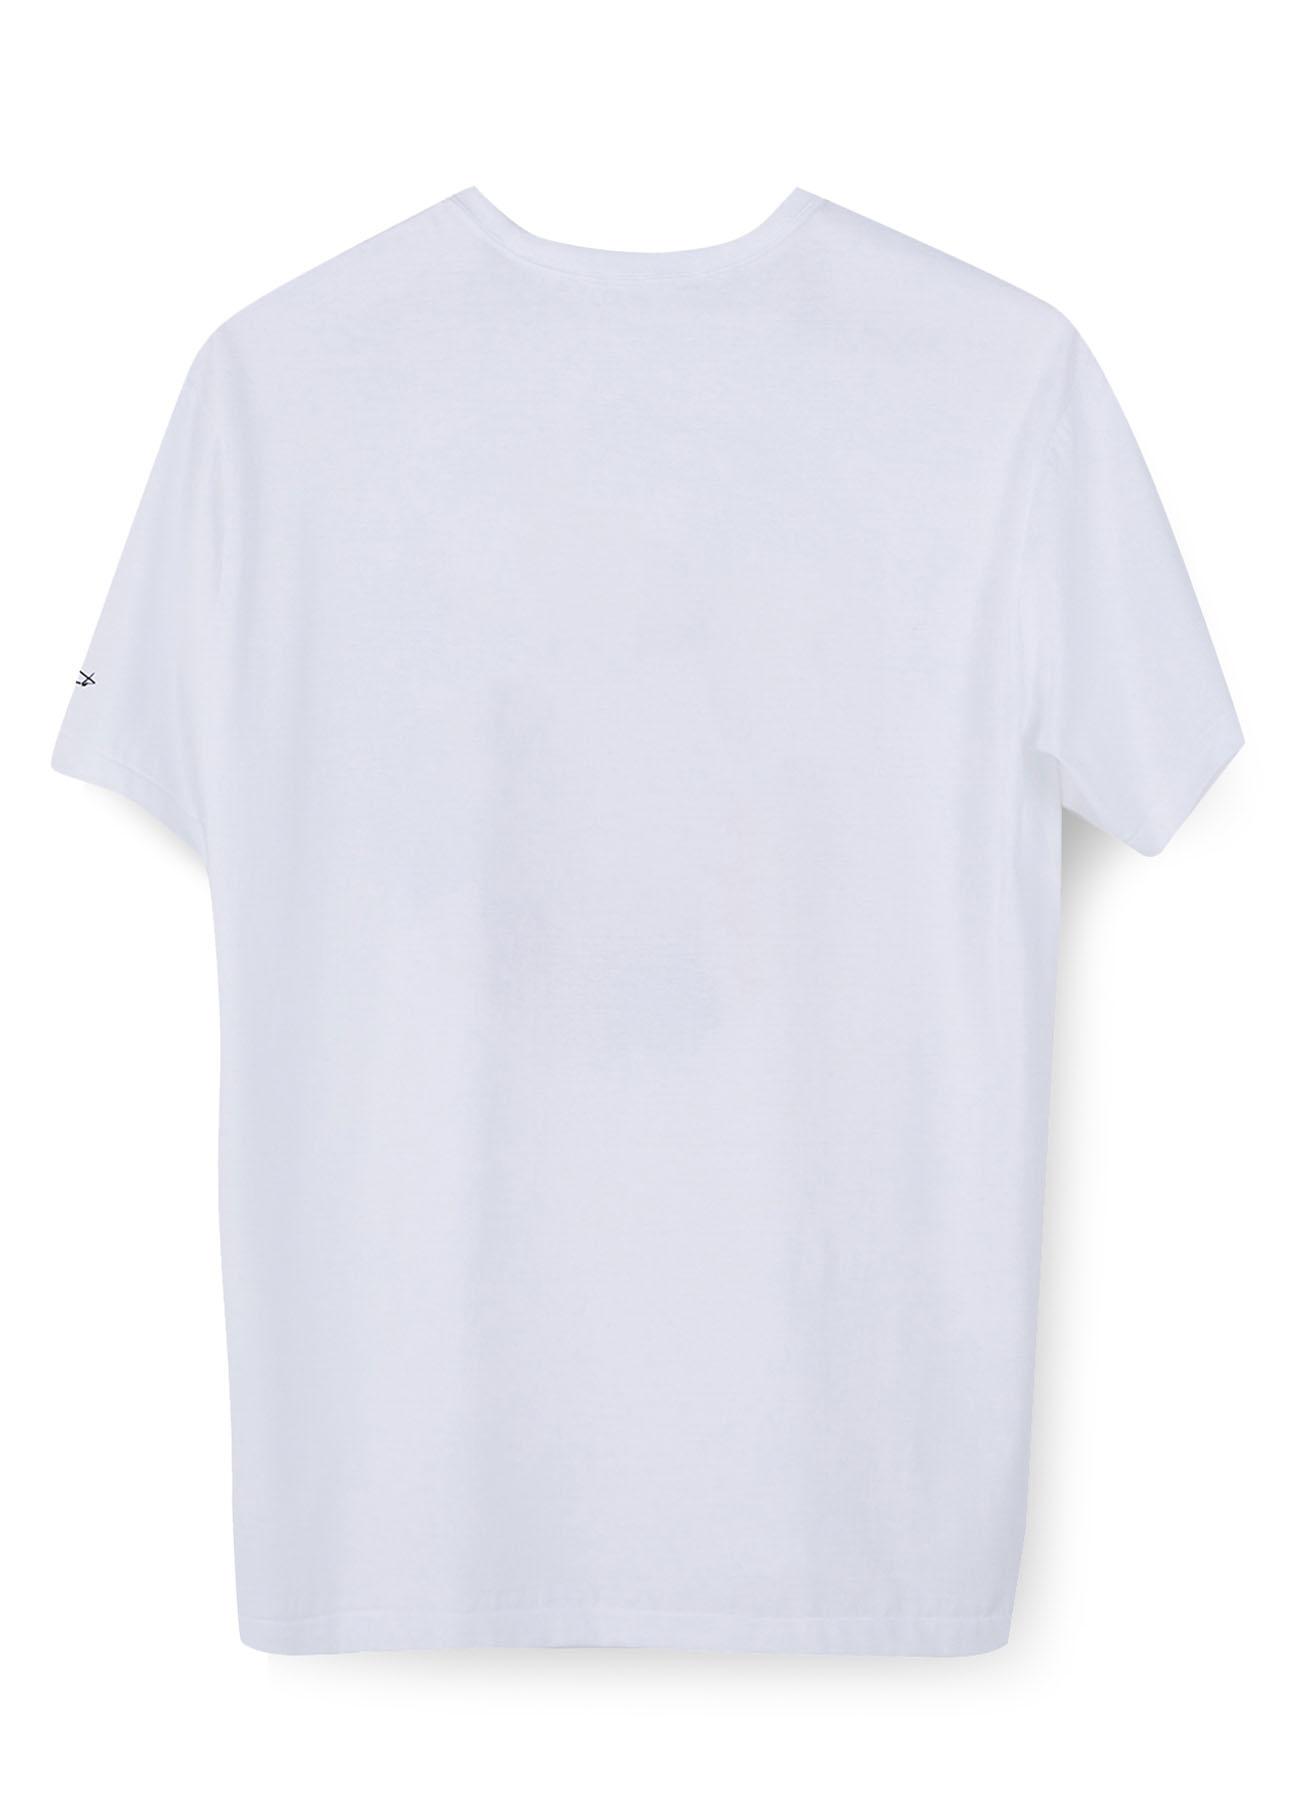 YUSUKE SAITOH Print T-Shirt B